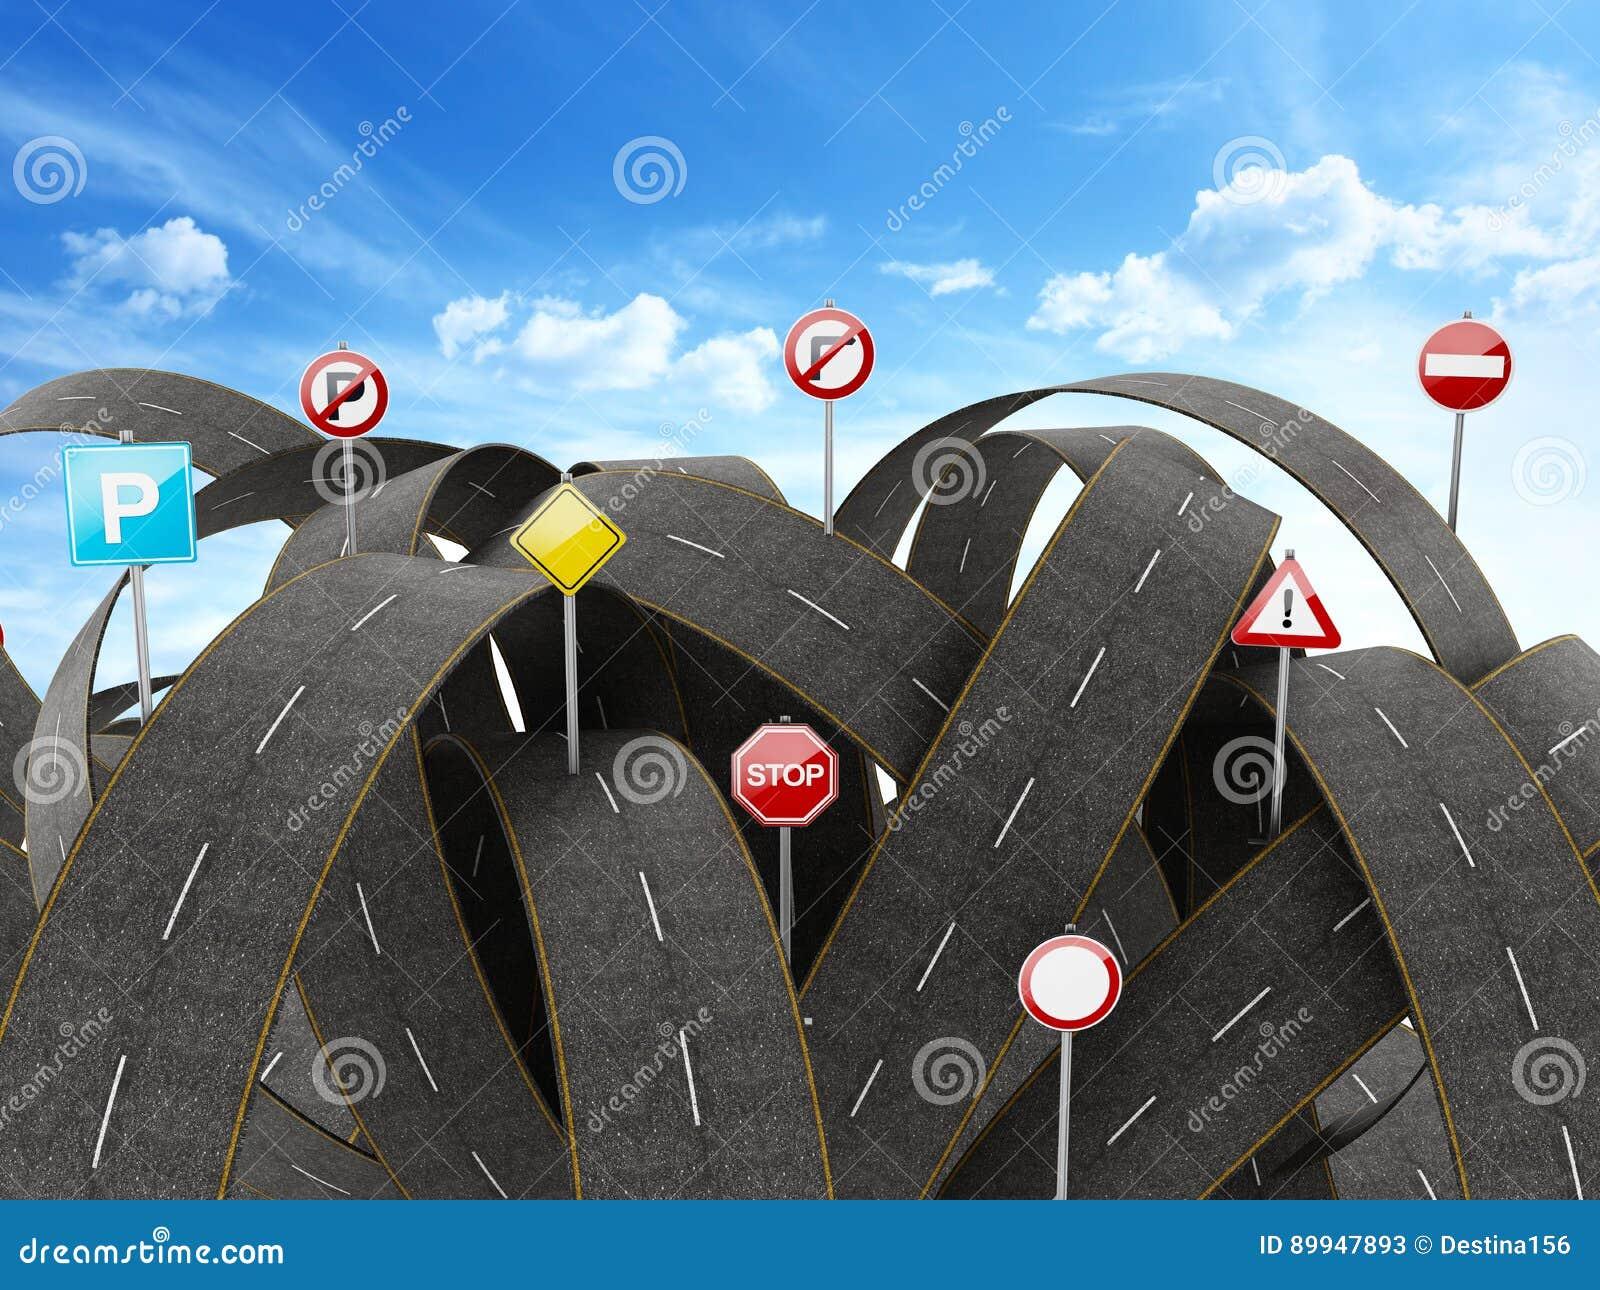 Caminos y señales de tráfico enredados, apretados, caóticos ilustración 3D